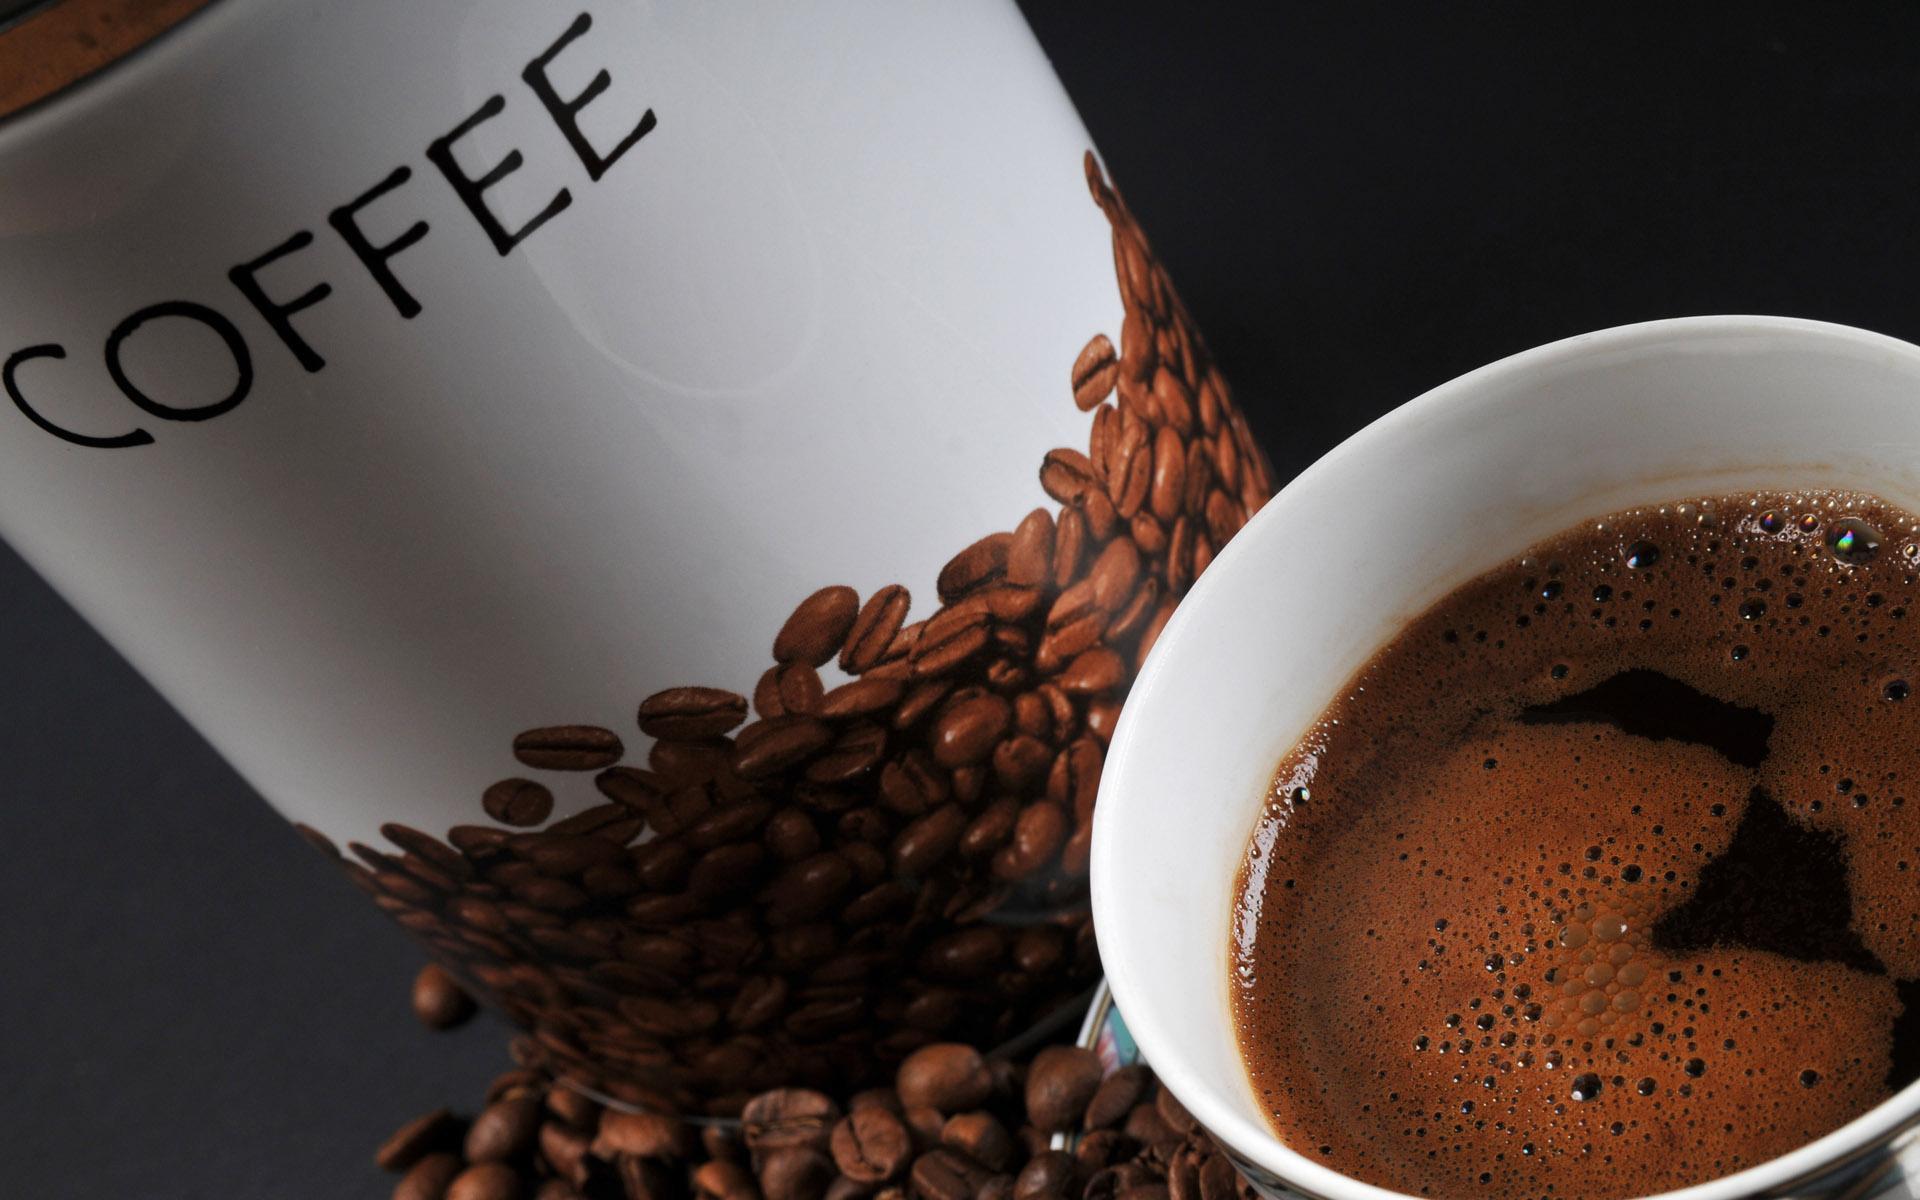 Название кофе размер 1920x1200